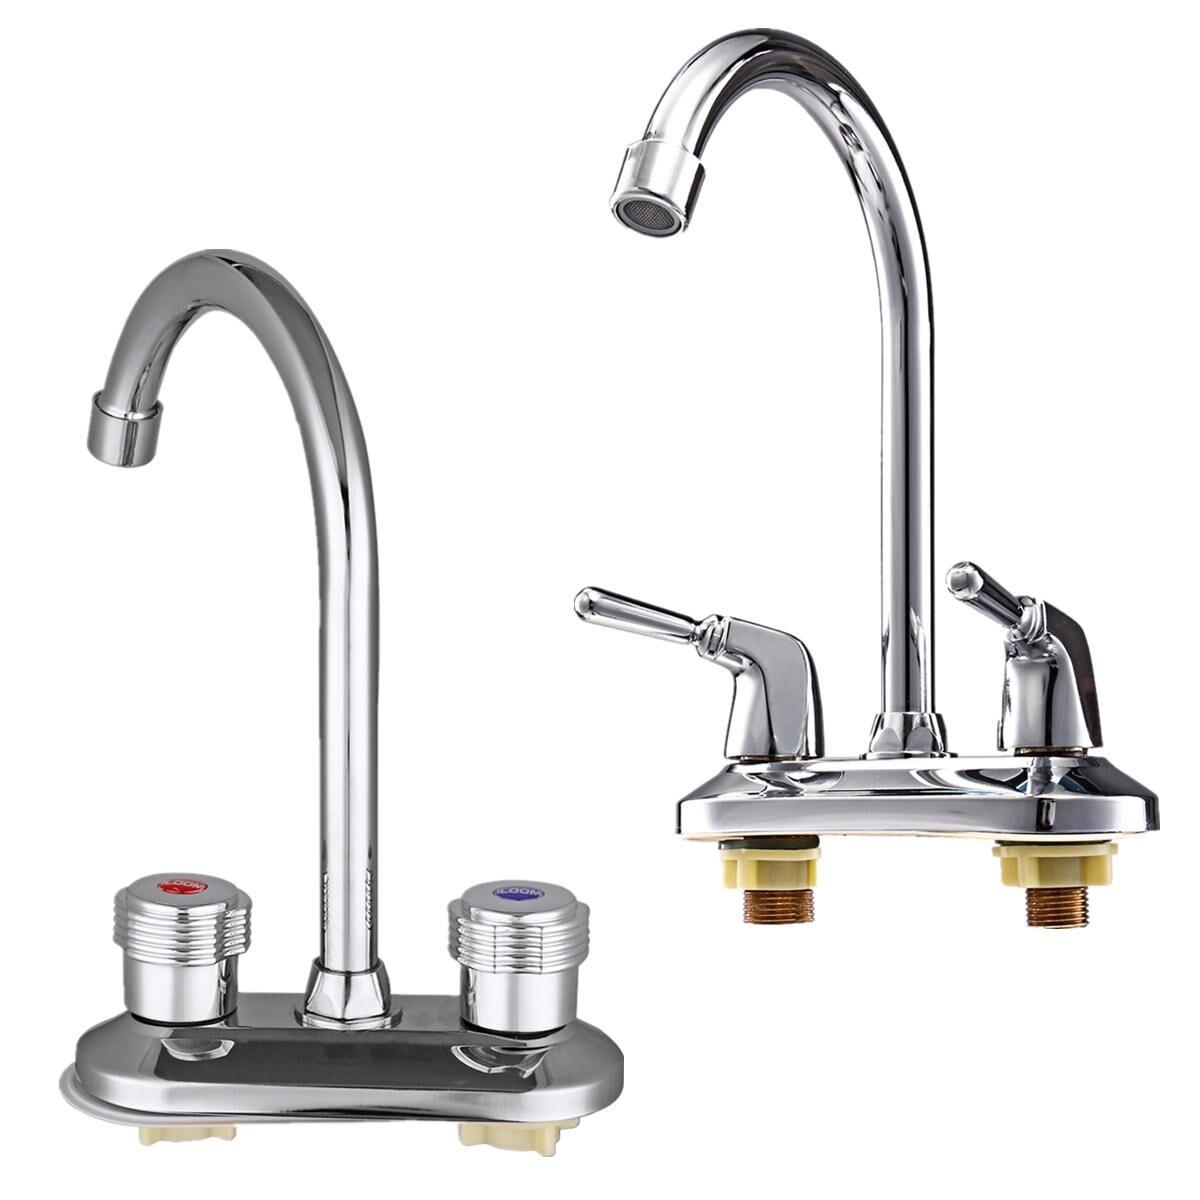 360 Вращающийся кран для раковины Носик кухонный кран с двойной ручкой кран для раковины кран для ванной комнаты Смеситель для кухни